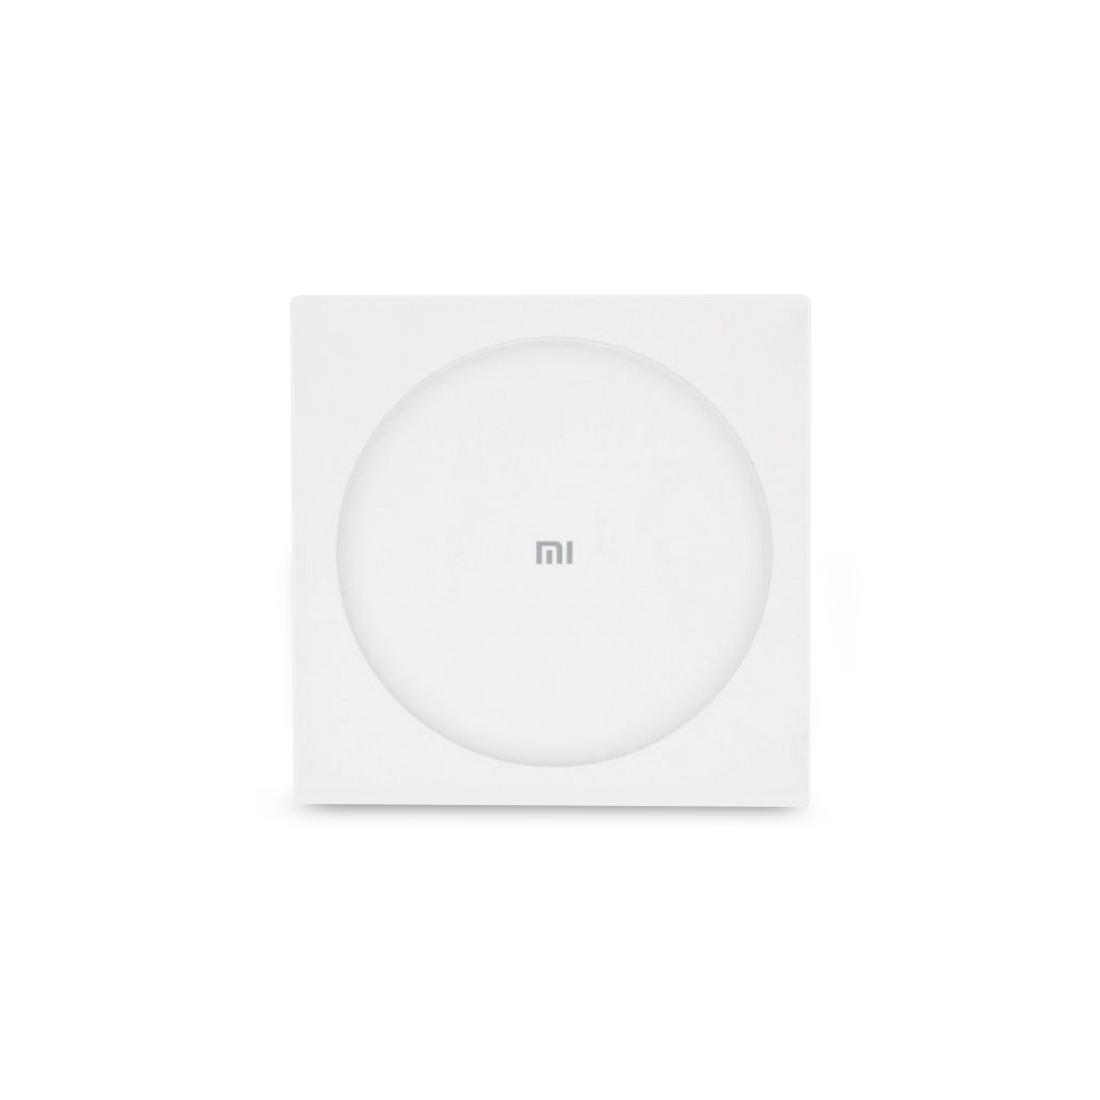 Беспроводное зарядное устройство Xiaomi Mi Wireless Charger MDY-09EF Белый